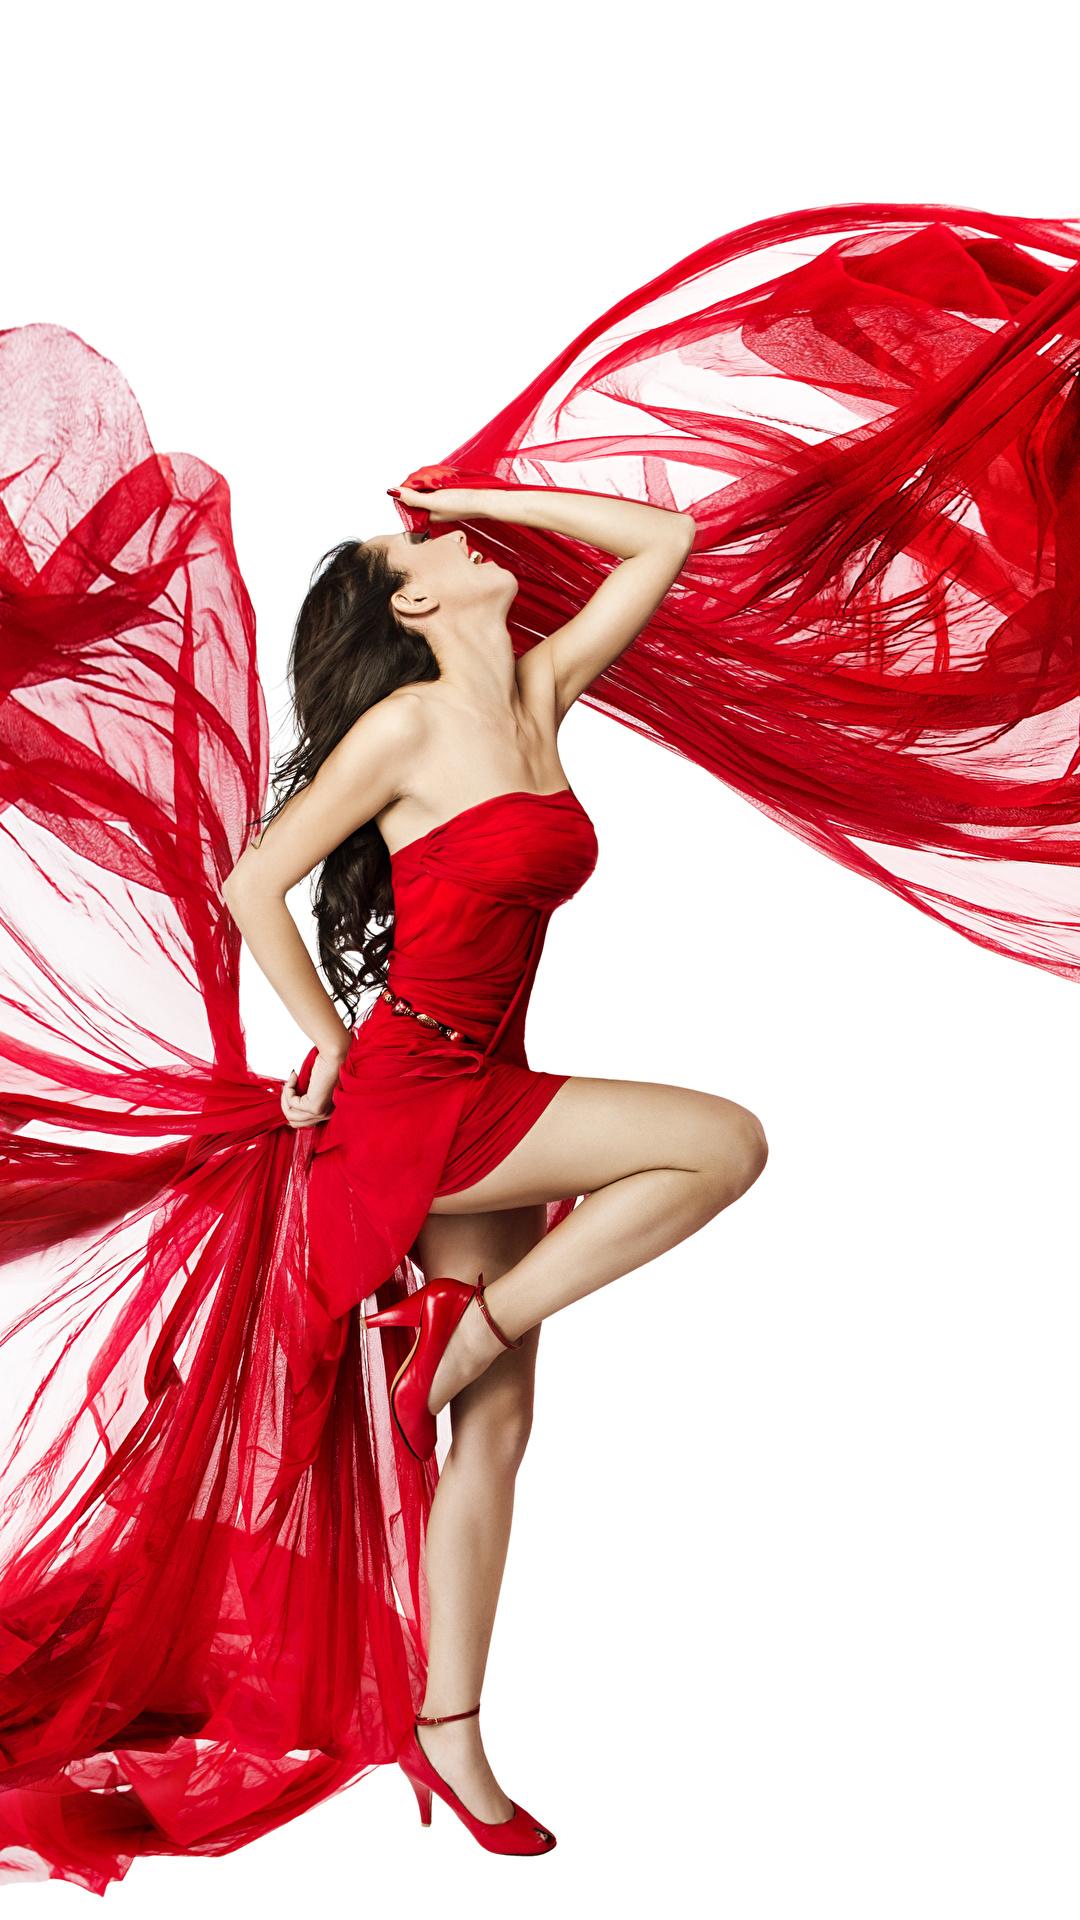 Hintergrundbilder Braune Haare Tanzen Mädchens Bein Weißer hintergrund Kleid 1080x1920 Braunhaarige Tanz